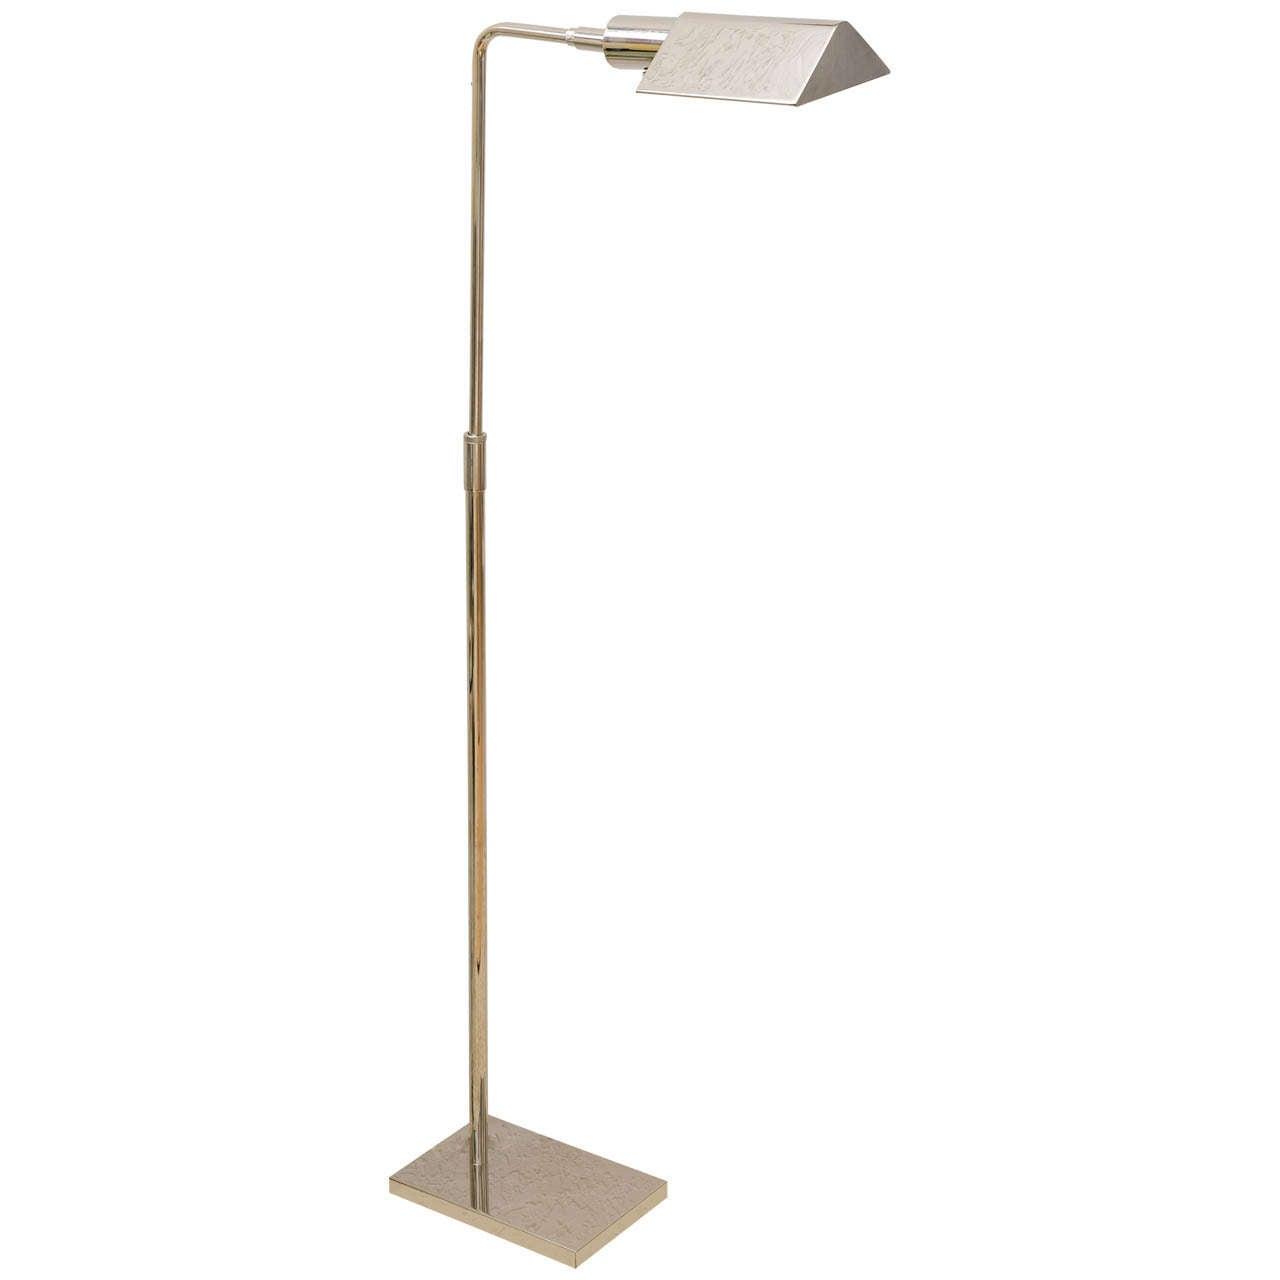 Koch and lowy chrome floor lamp at 1stdibs for Darlington floor lamp chrome